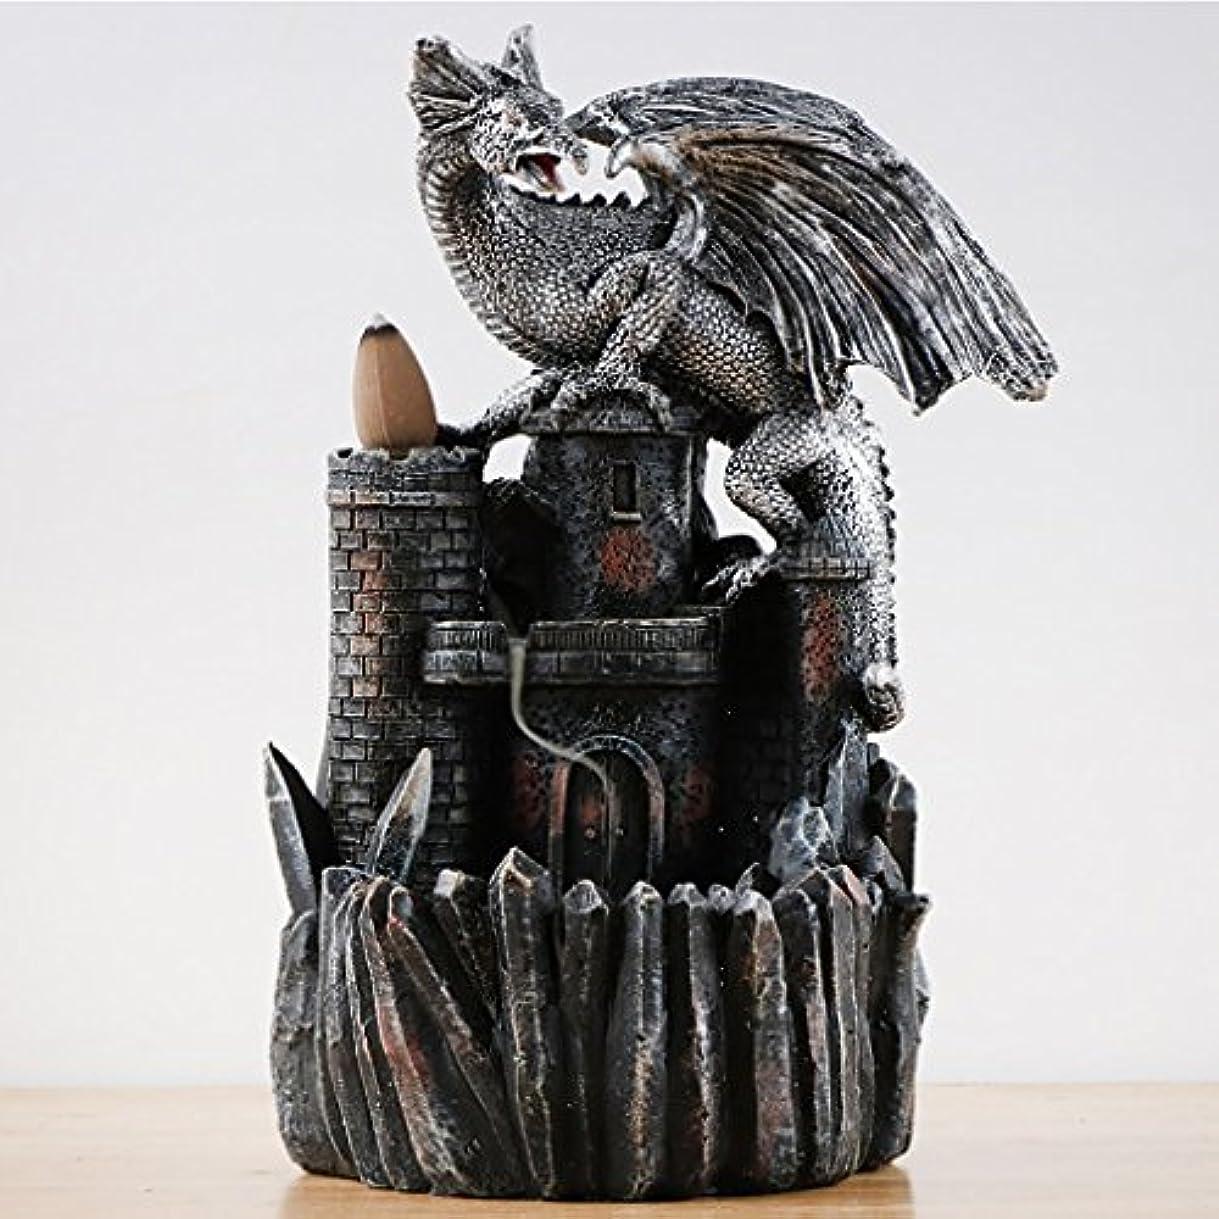 馬力引用咽頭ドラゴン香炉逆流香炉ホルダースモーク